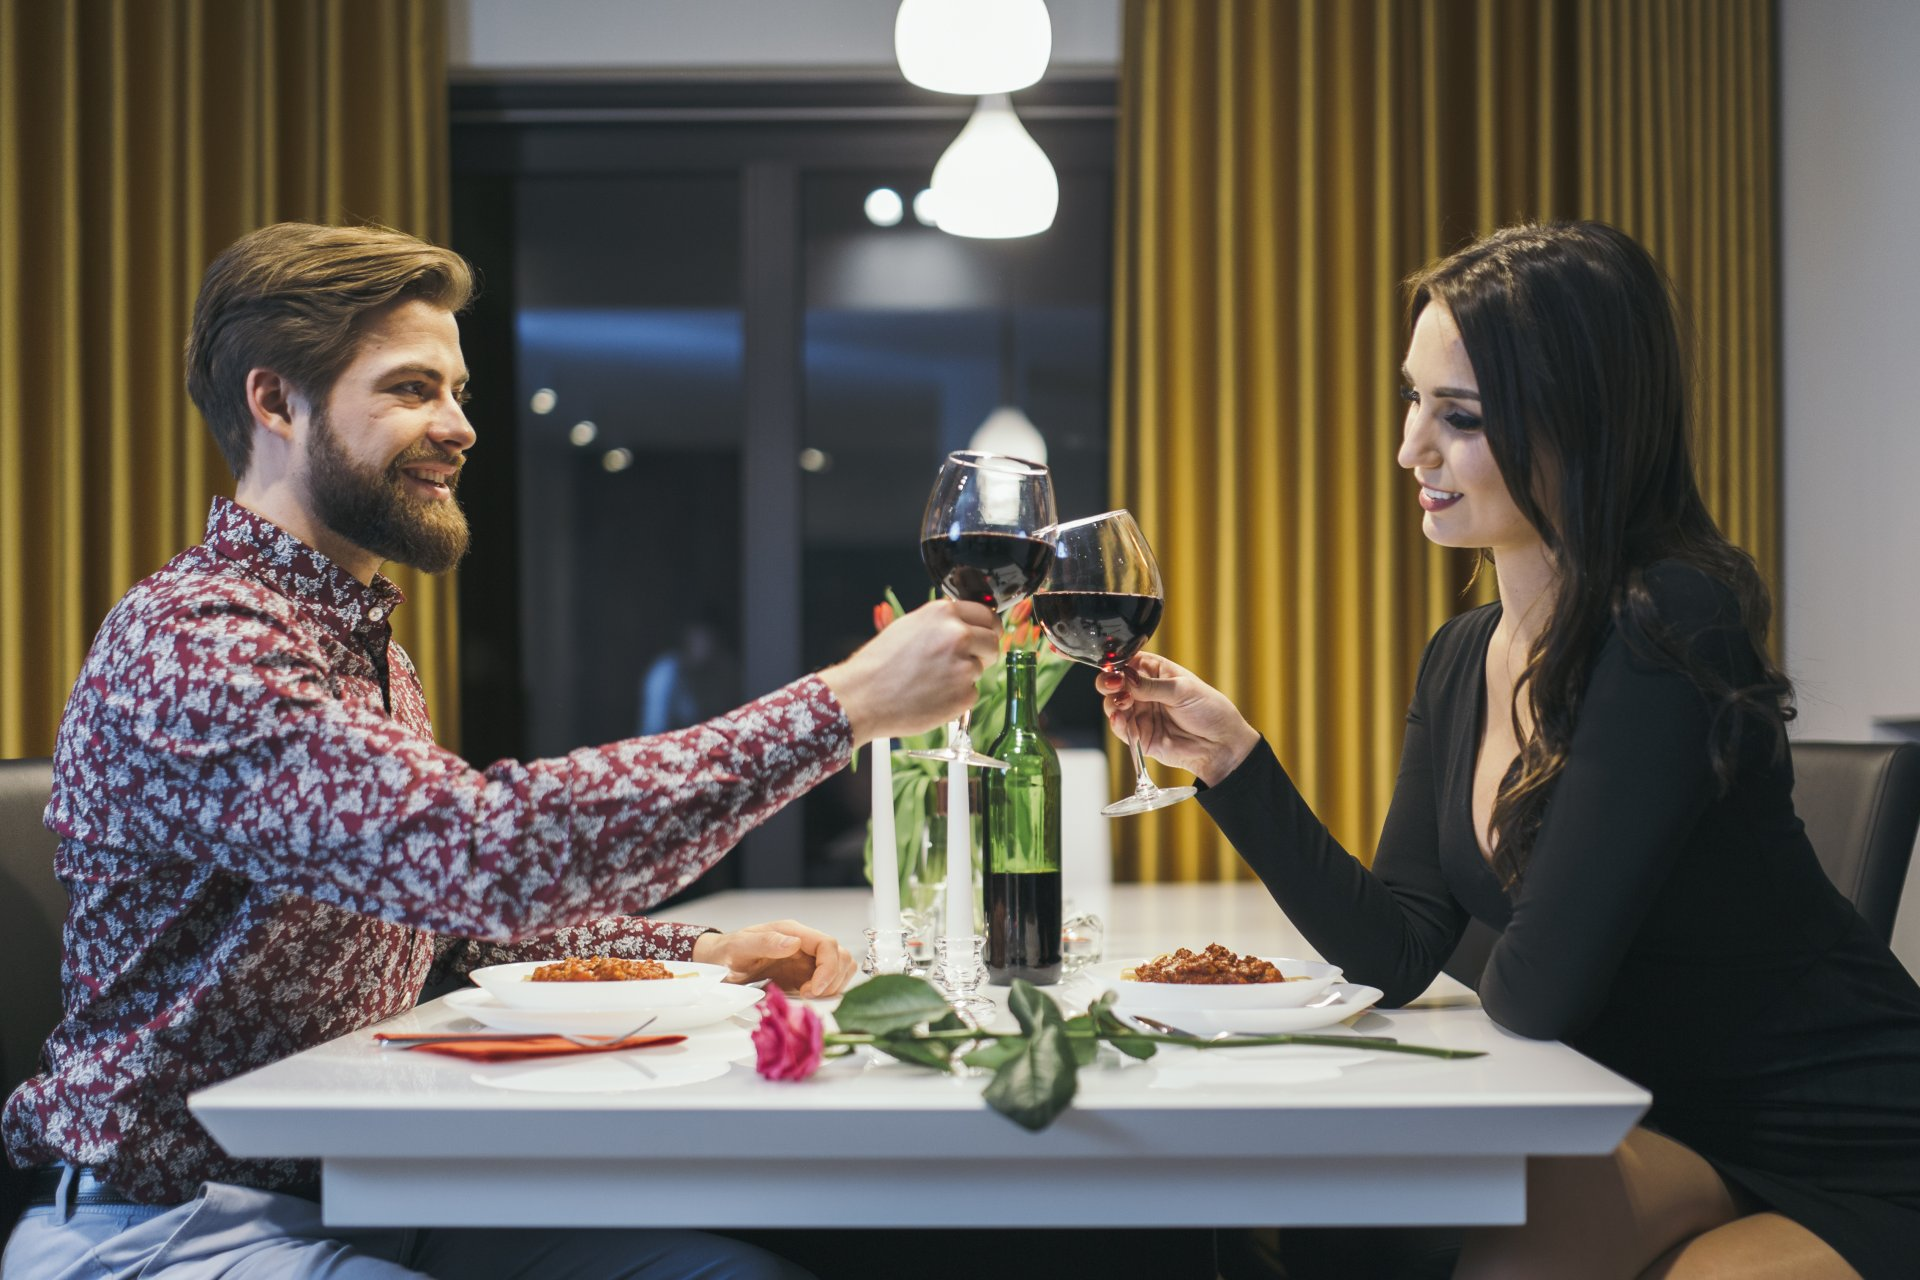 dating agency.com/over 40 55 plus datování toronto